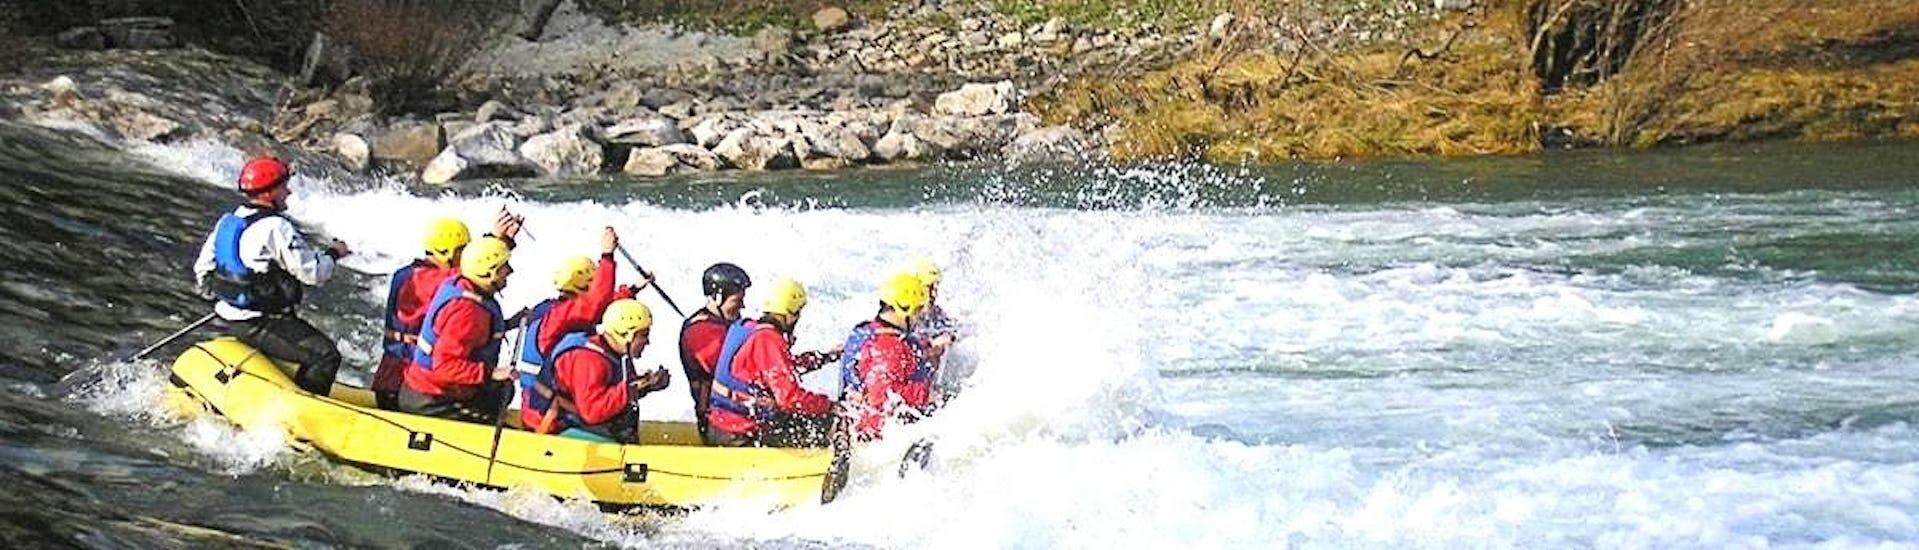 rafting-on-the-kupa-bachelor-party-gorski-tok-rafting-hero